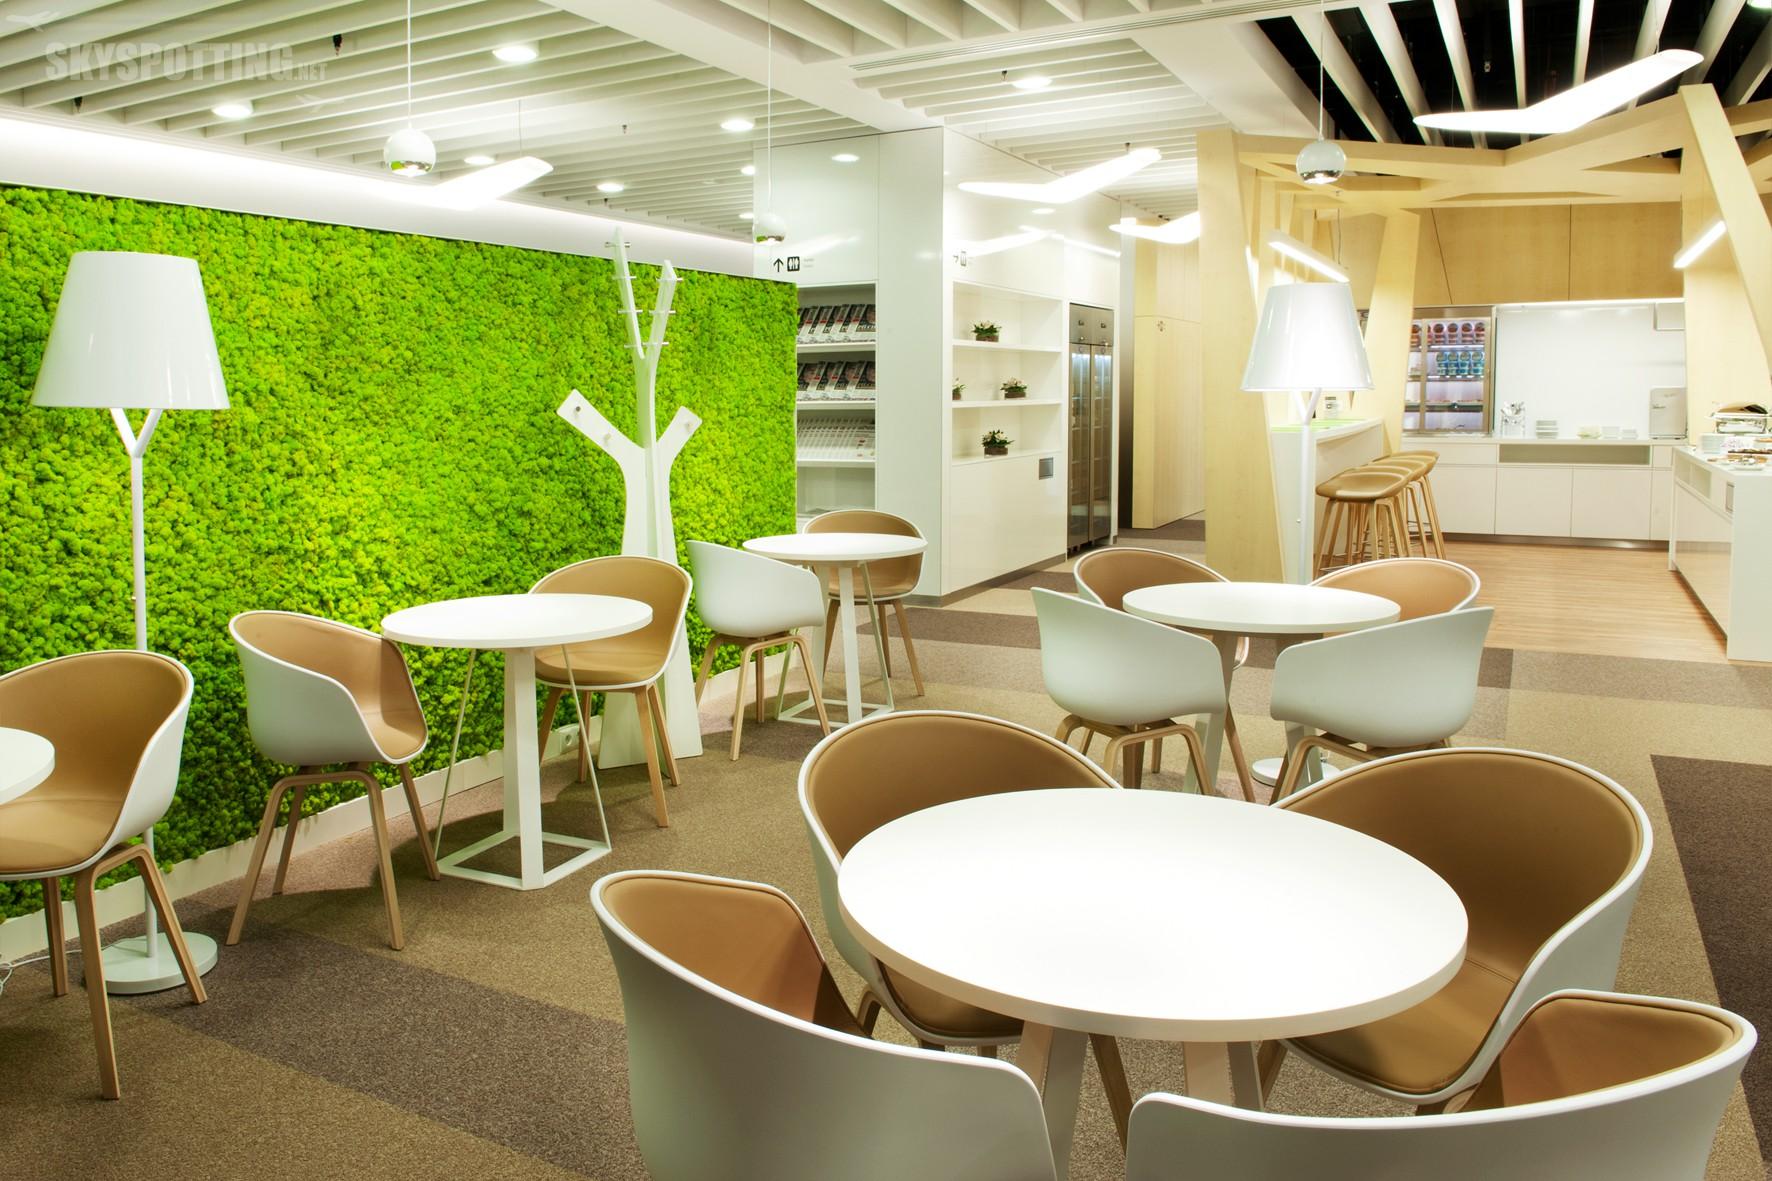 Salon Marhaba Best Emejing Salon Marocain Moderne Marhaba  # Salon De Jardin Doha